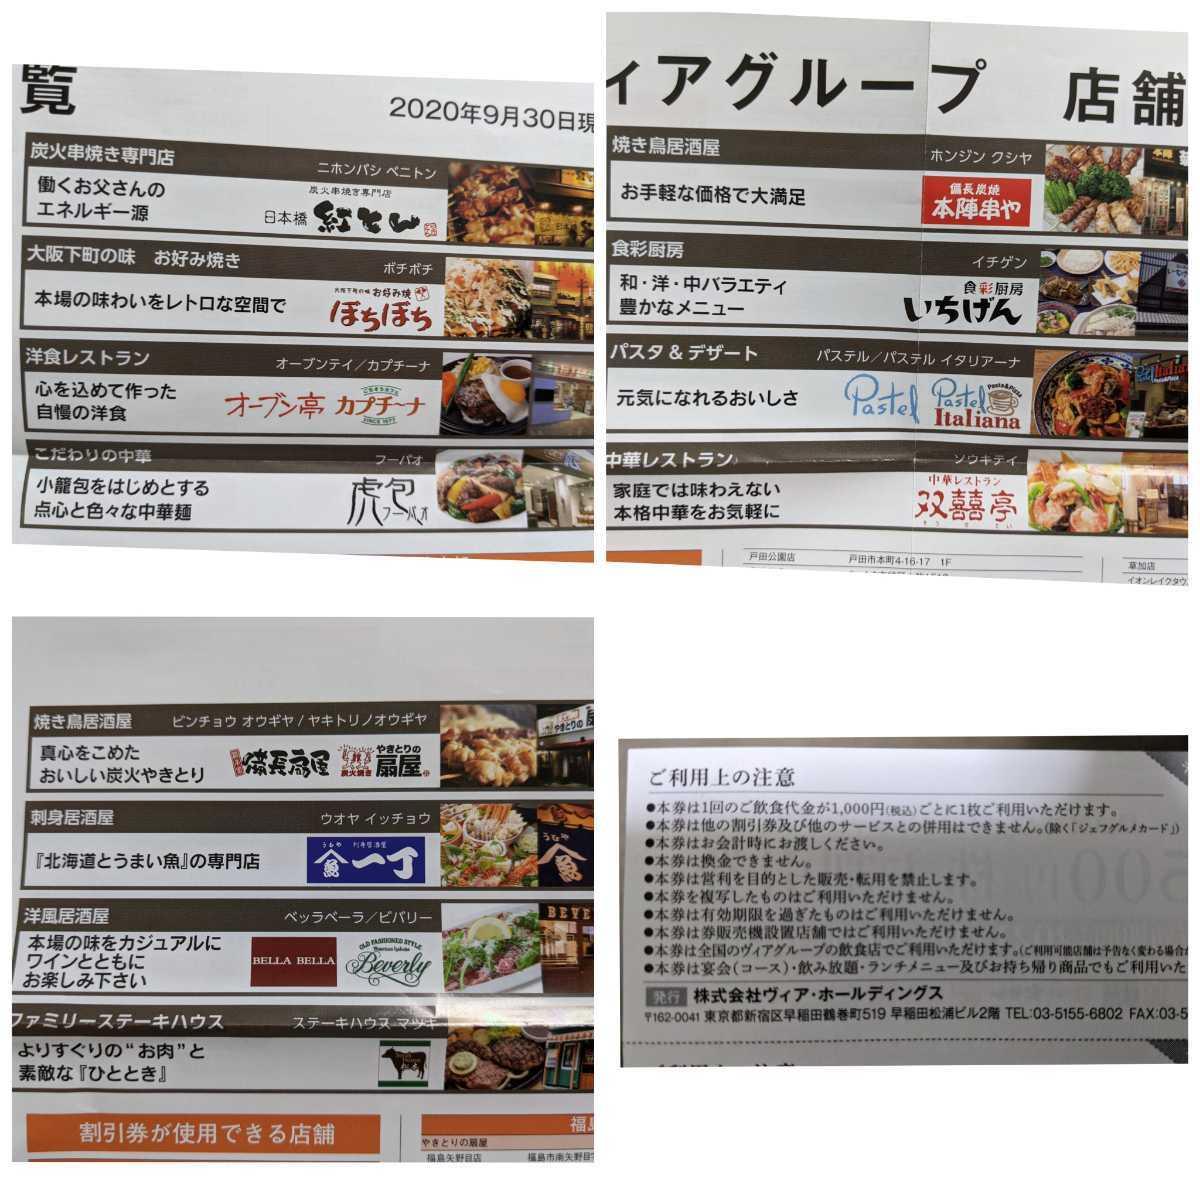 ヴィア・ホールディングス 株主優待 5,000円分_画像2